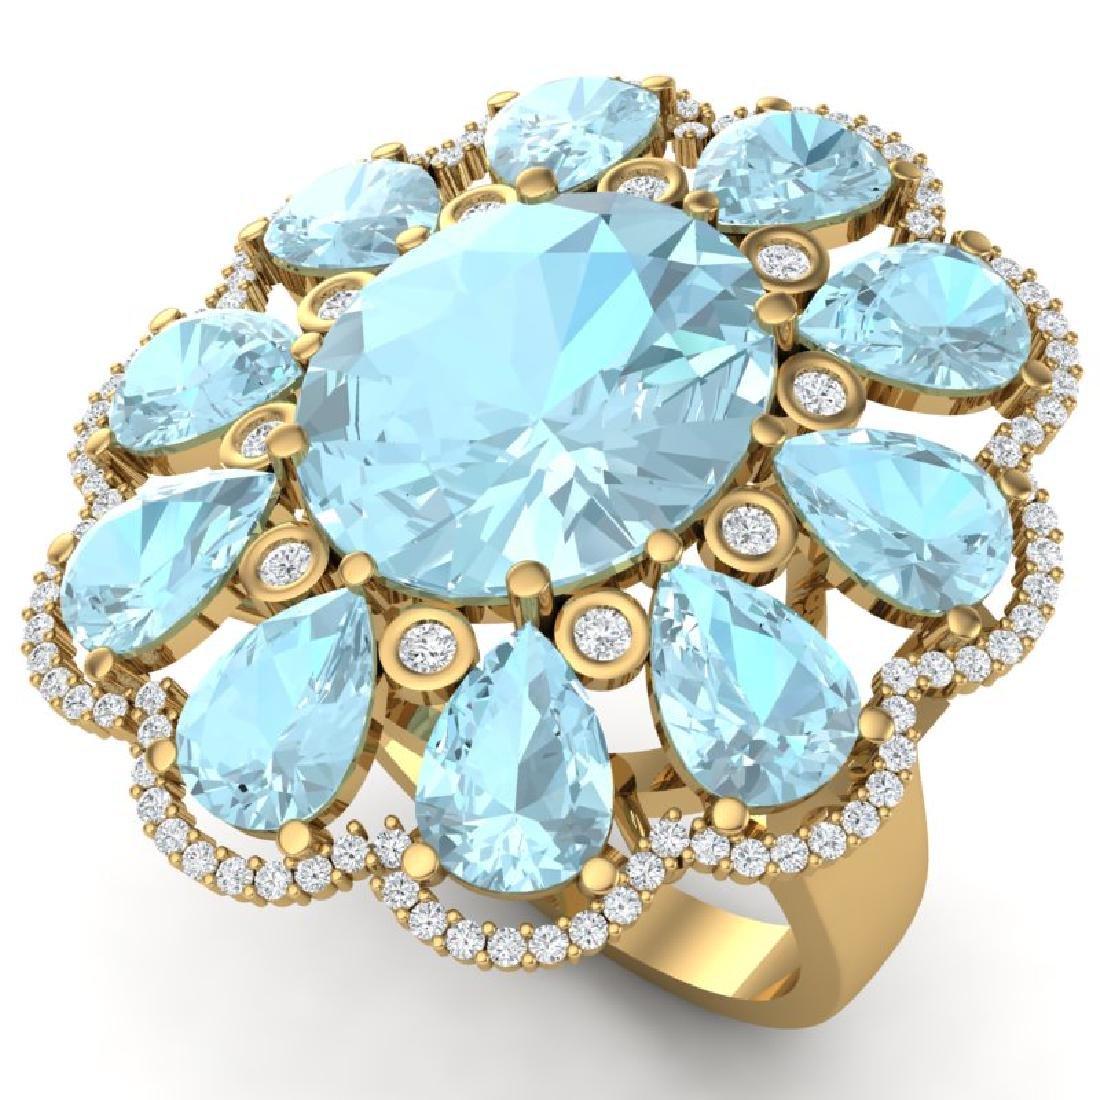 20.54 CTW Royalty Sky Topaz & VS Diamond Ring 18K